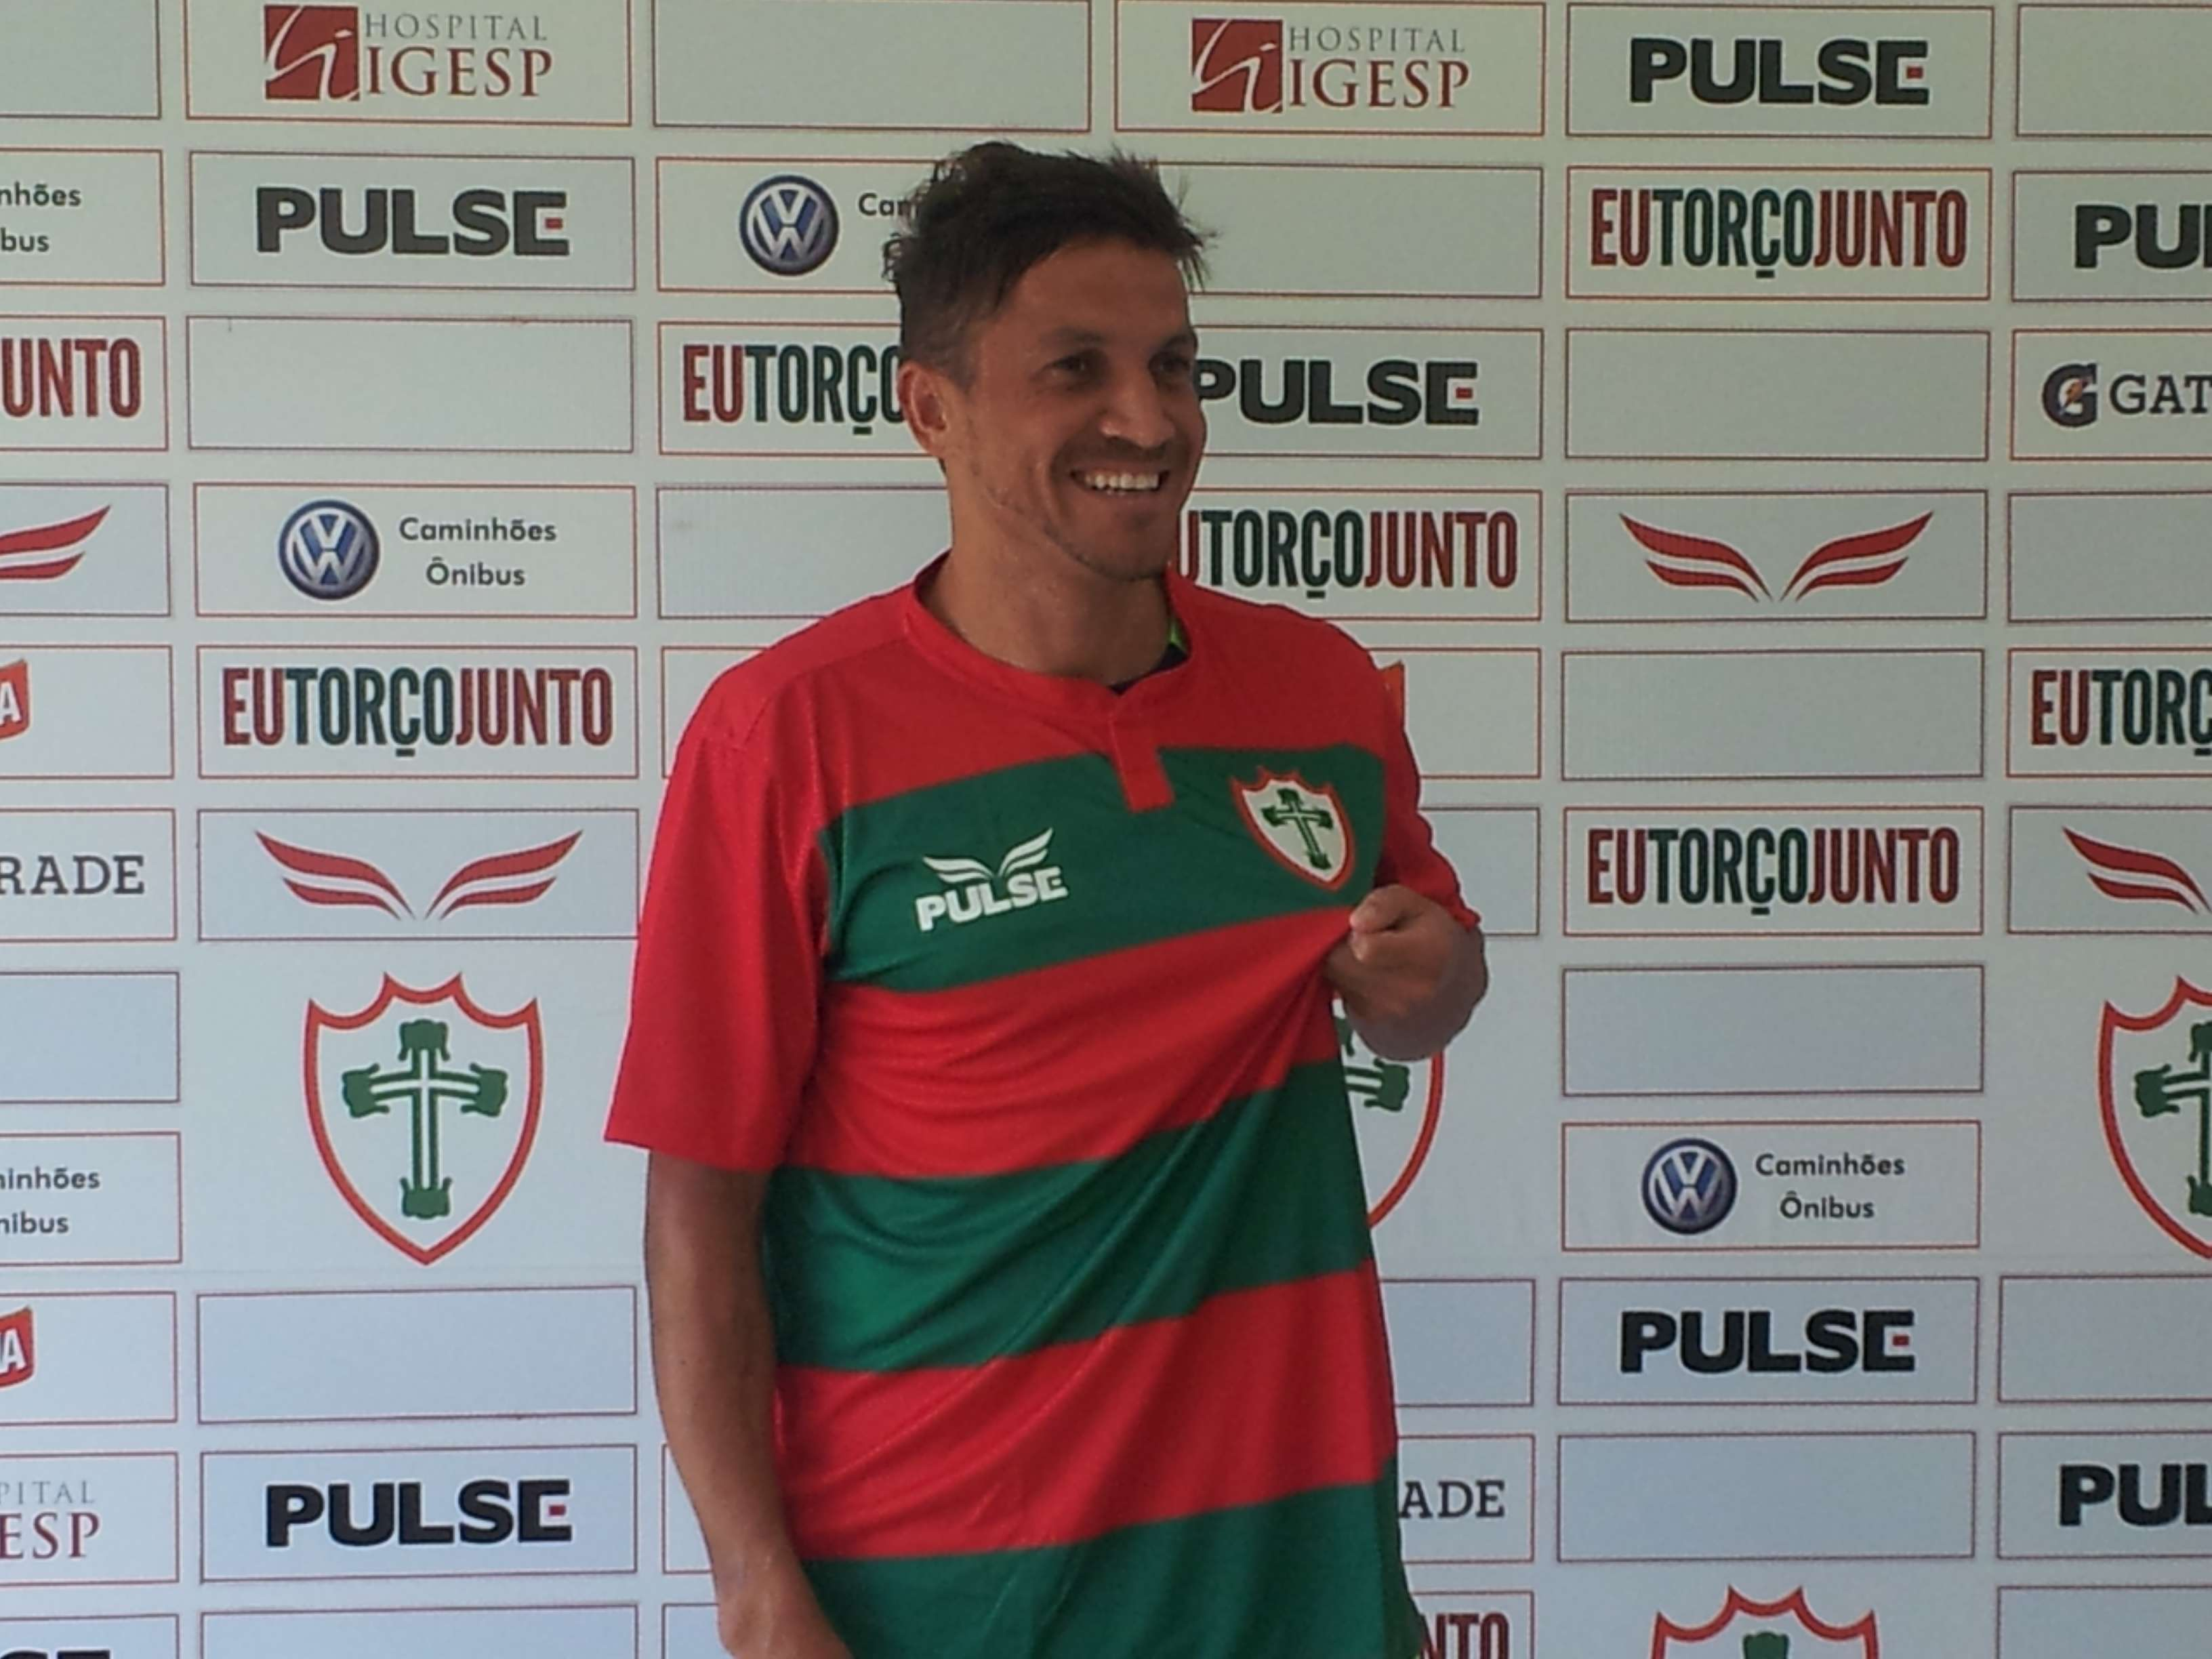 Foto: Portuguesa/Divulgação